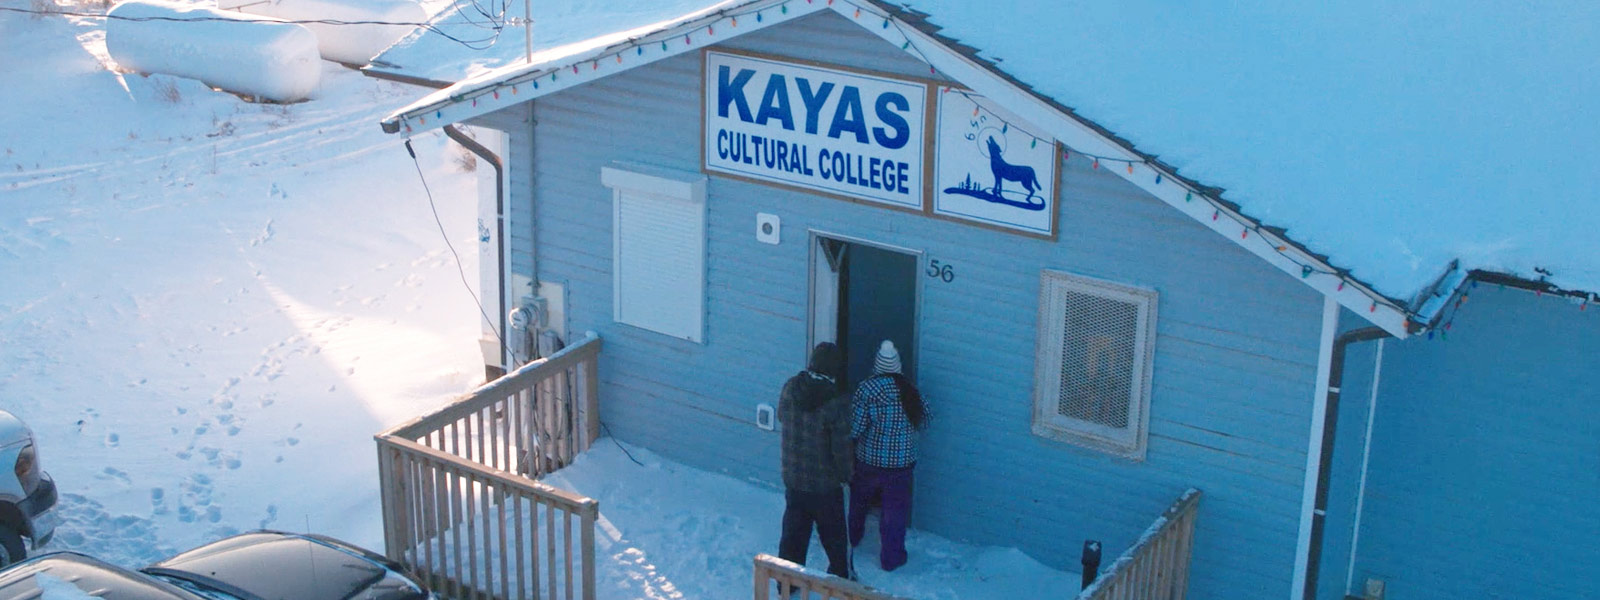 الجزء الخارجي من مبنى Kayas Cultural College في يوم مثلج، وطالبان يدخلان إلى المبنى.